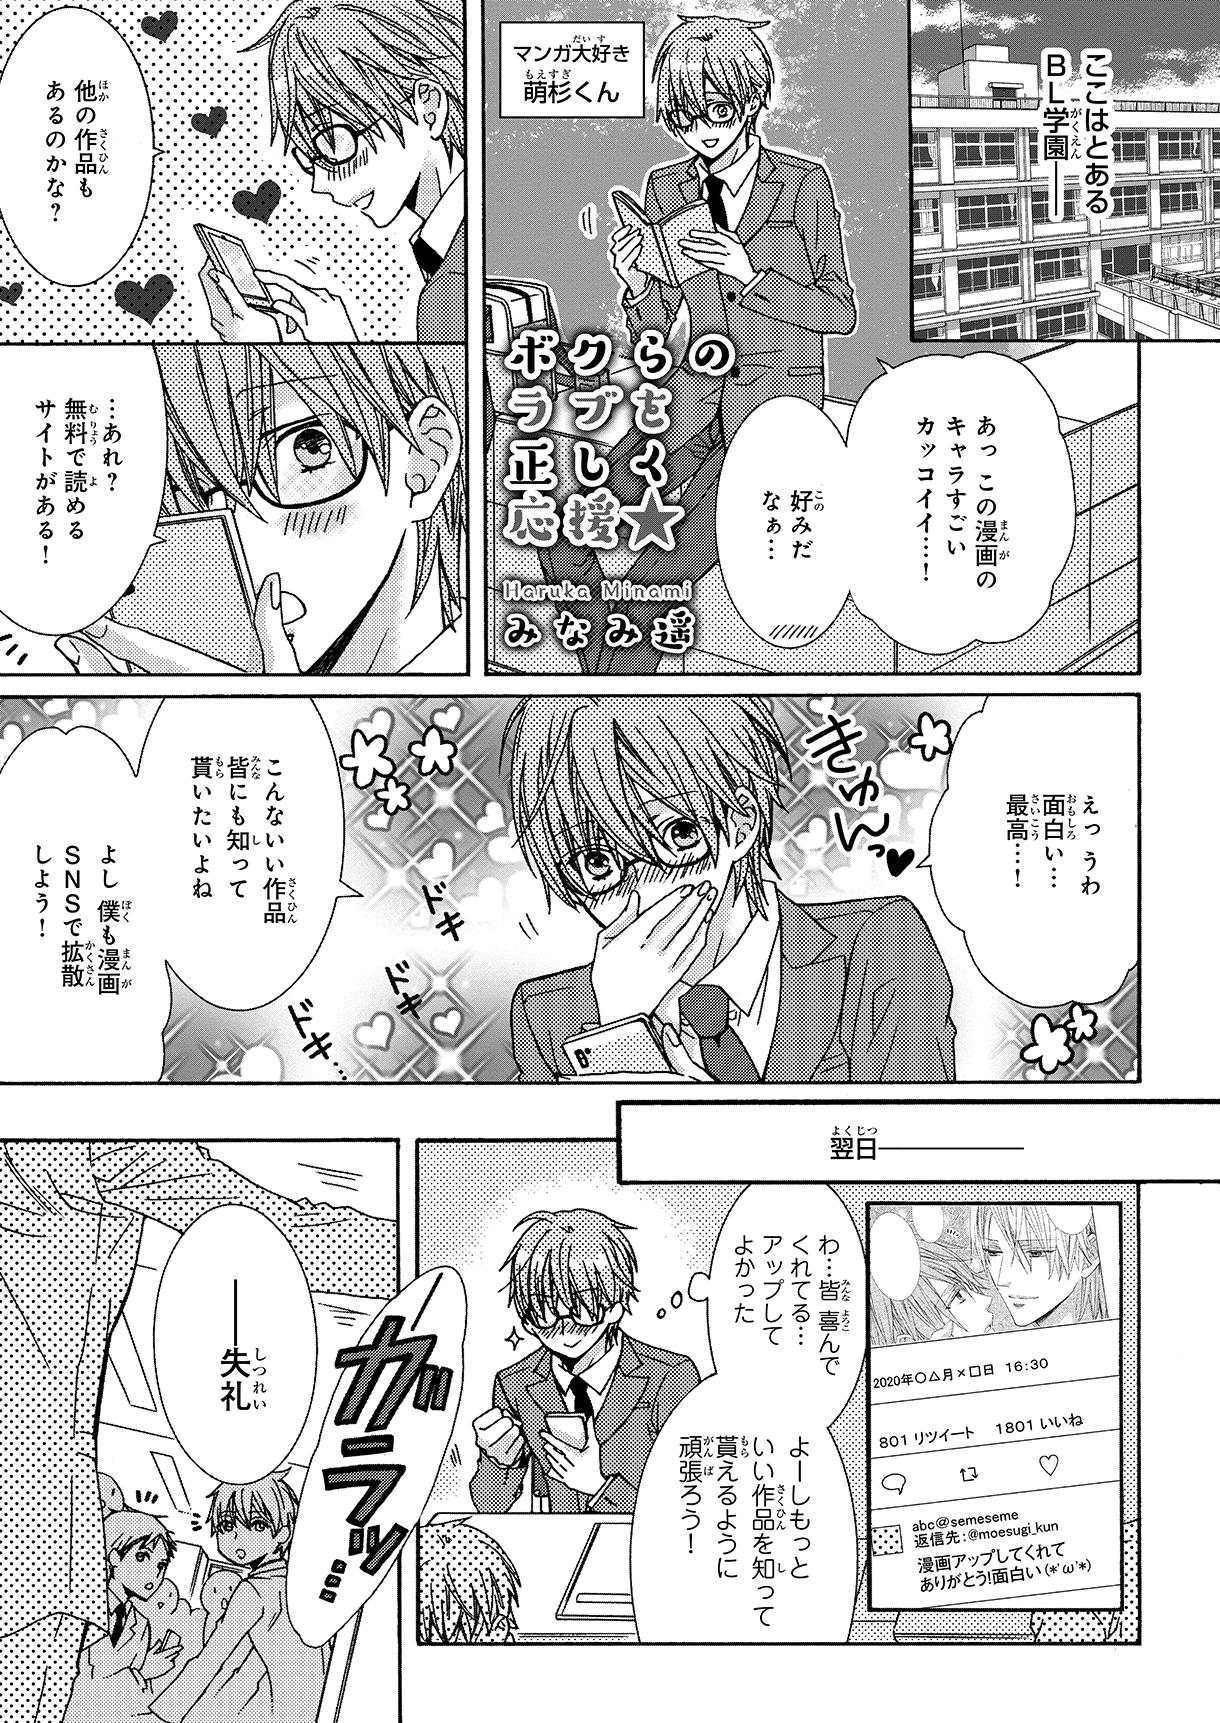 ゲイ 漫画 大学生 ノンケ